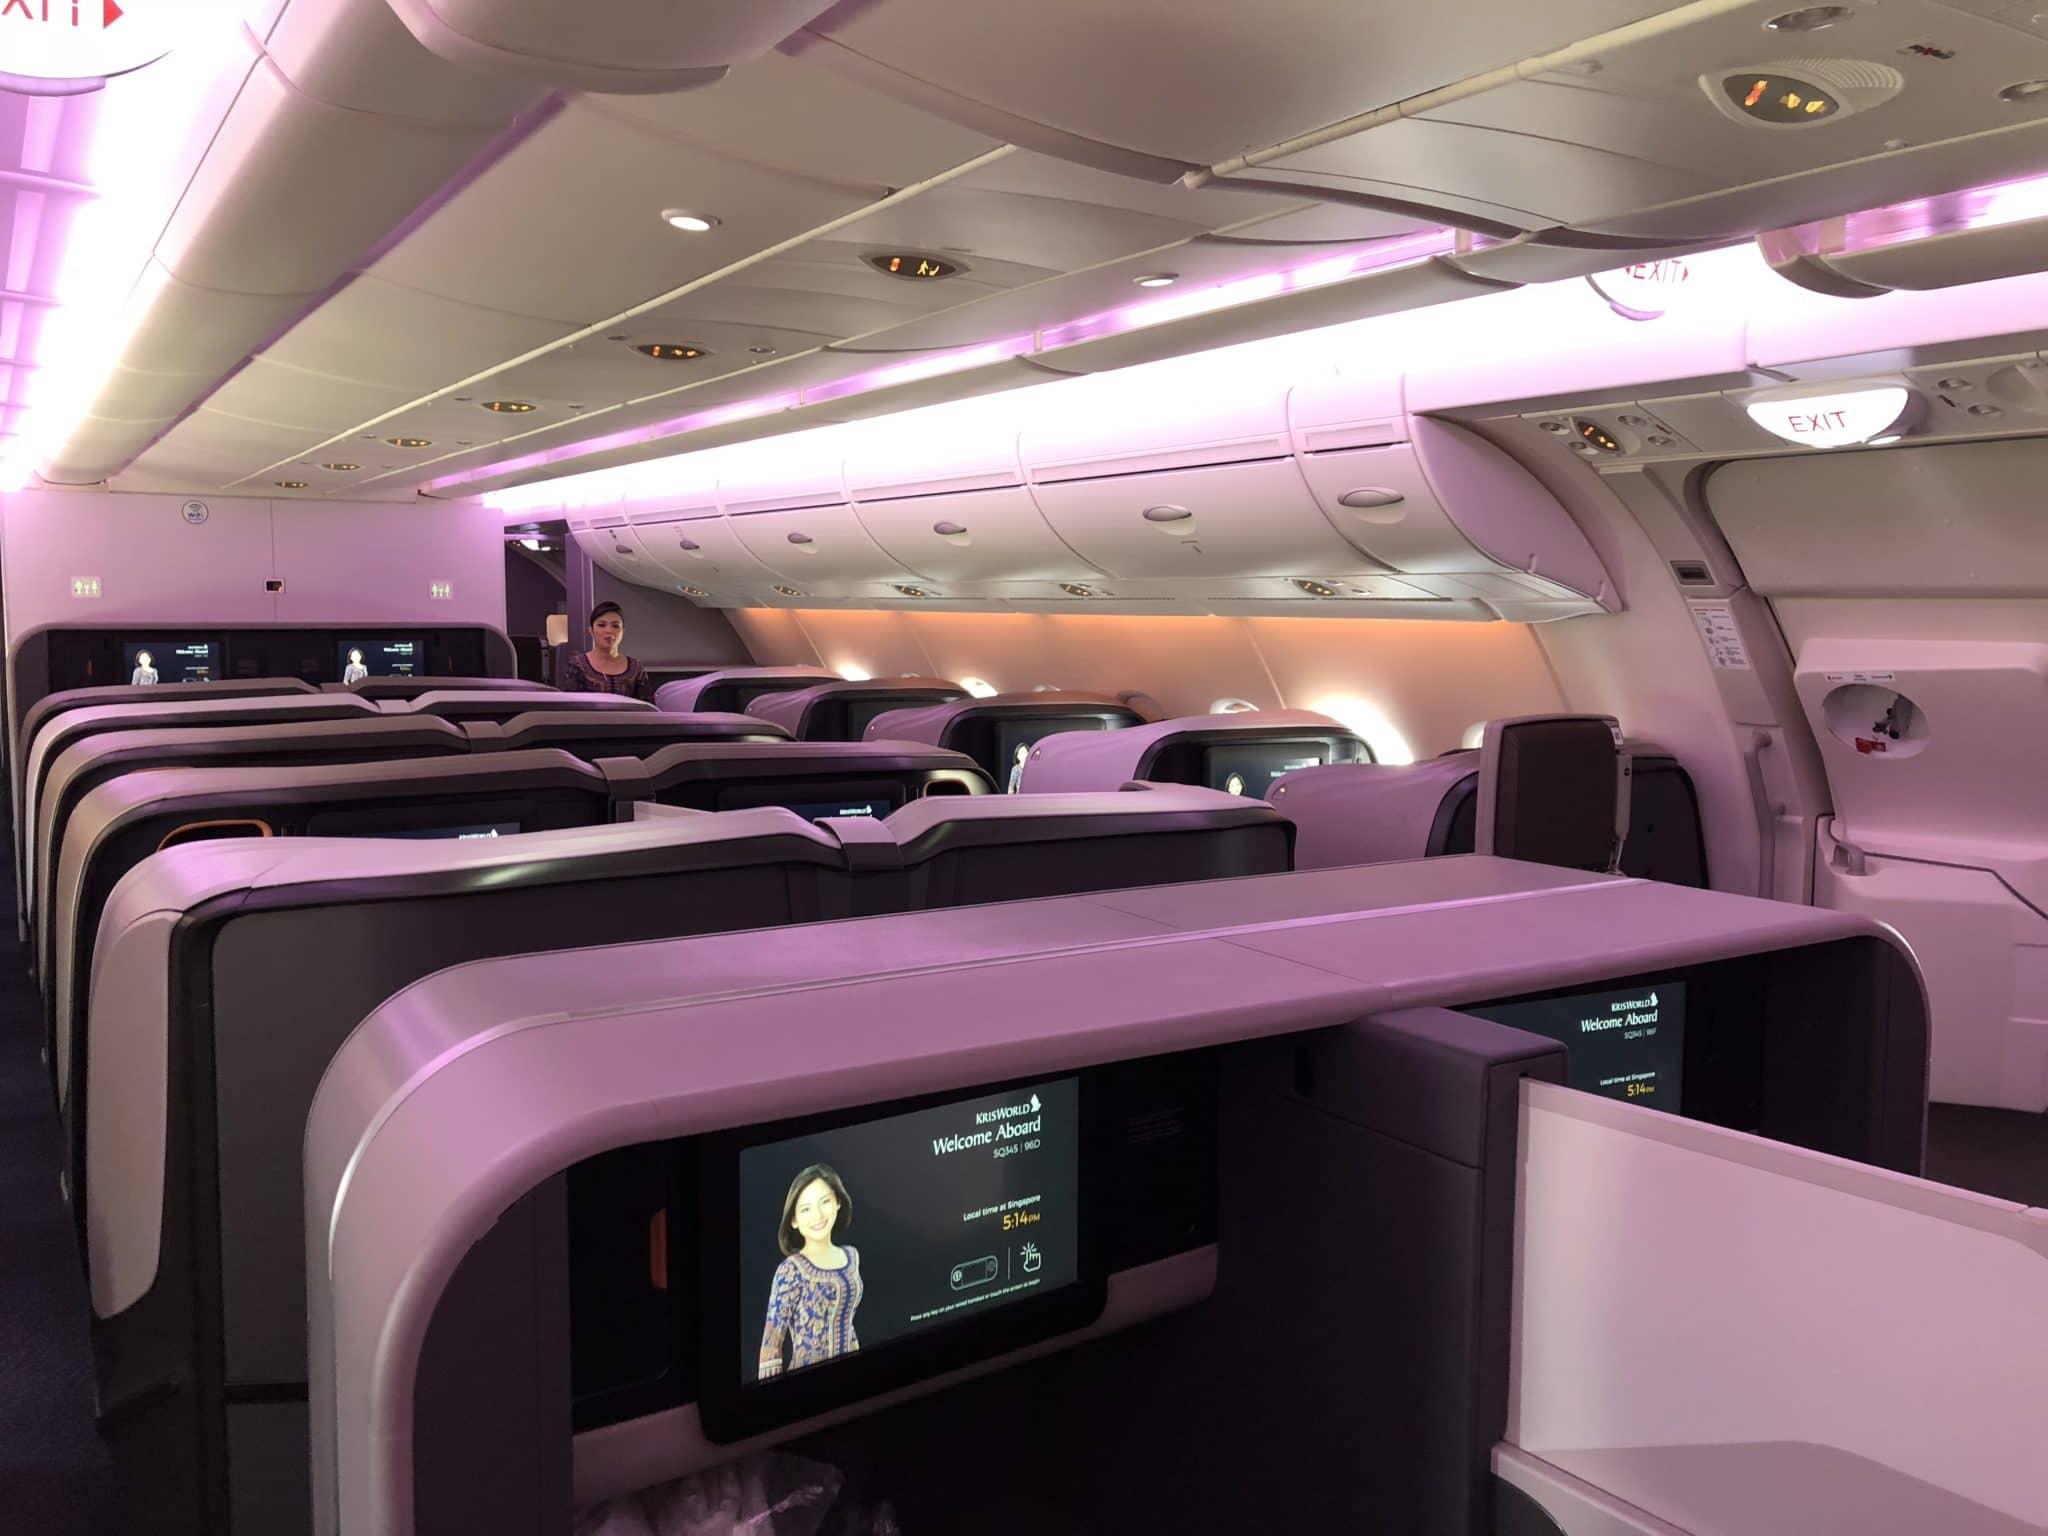 Singapore Airlines neue Business Class A380 Kabine von hinten